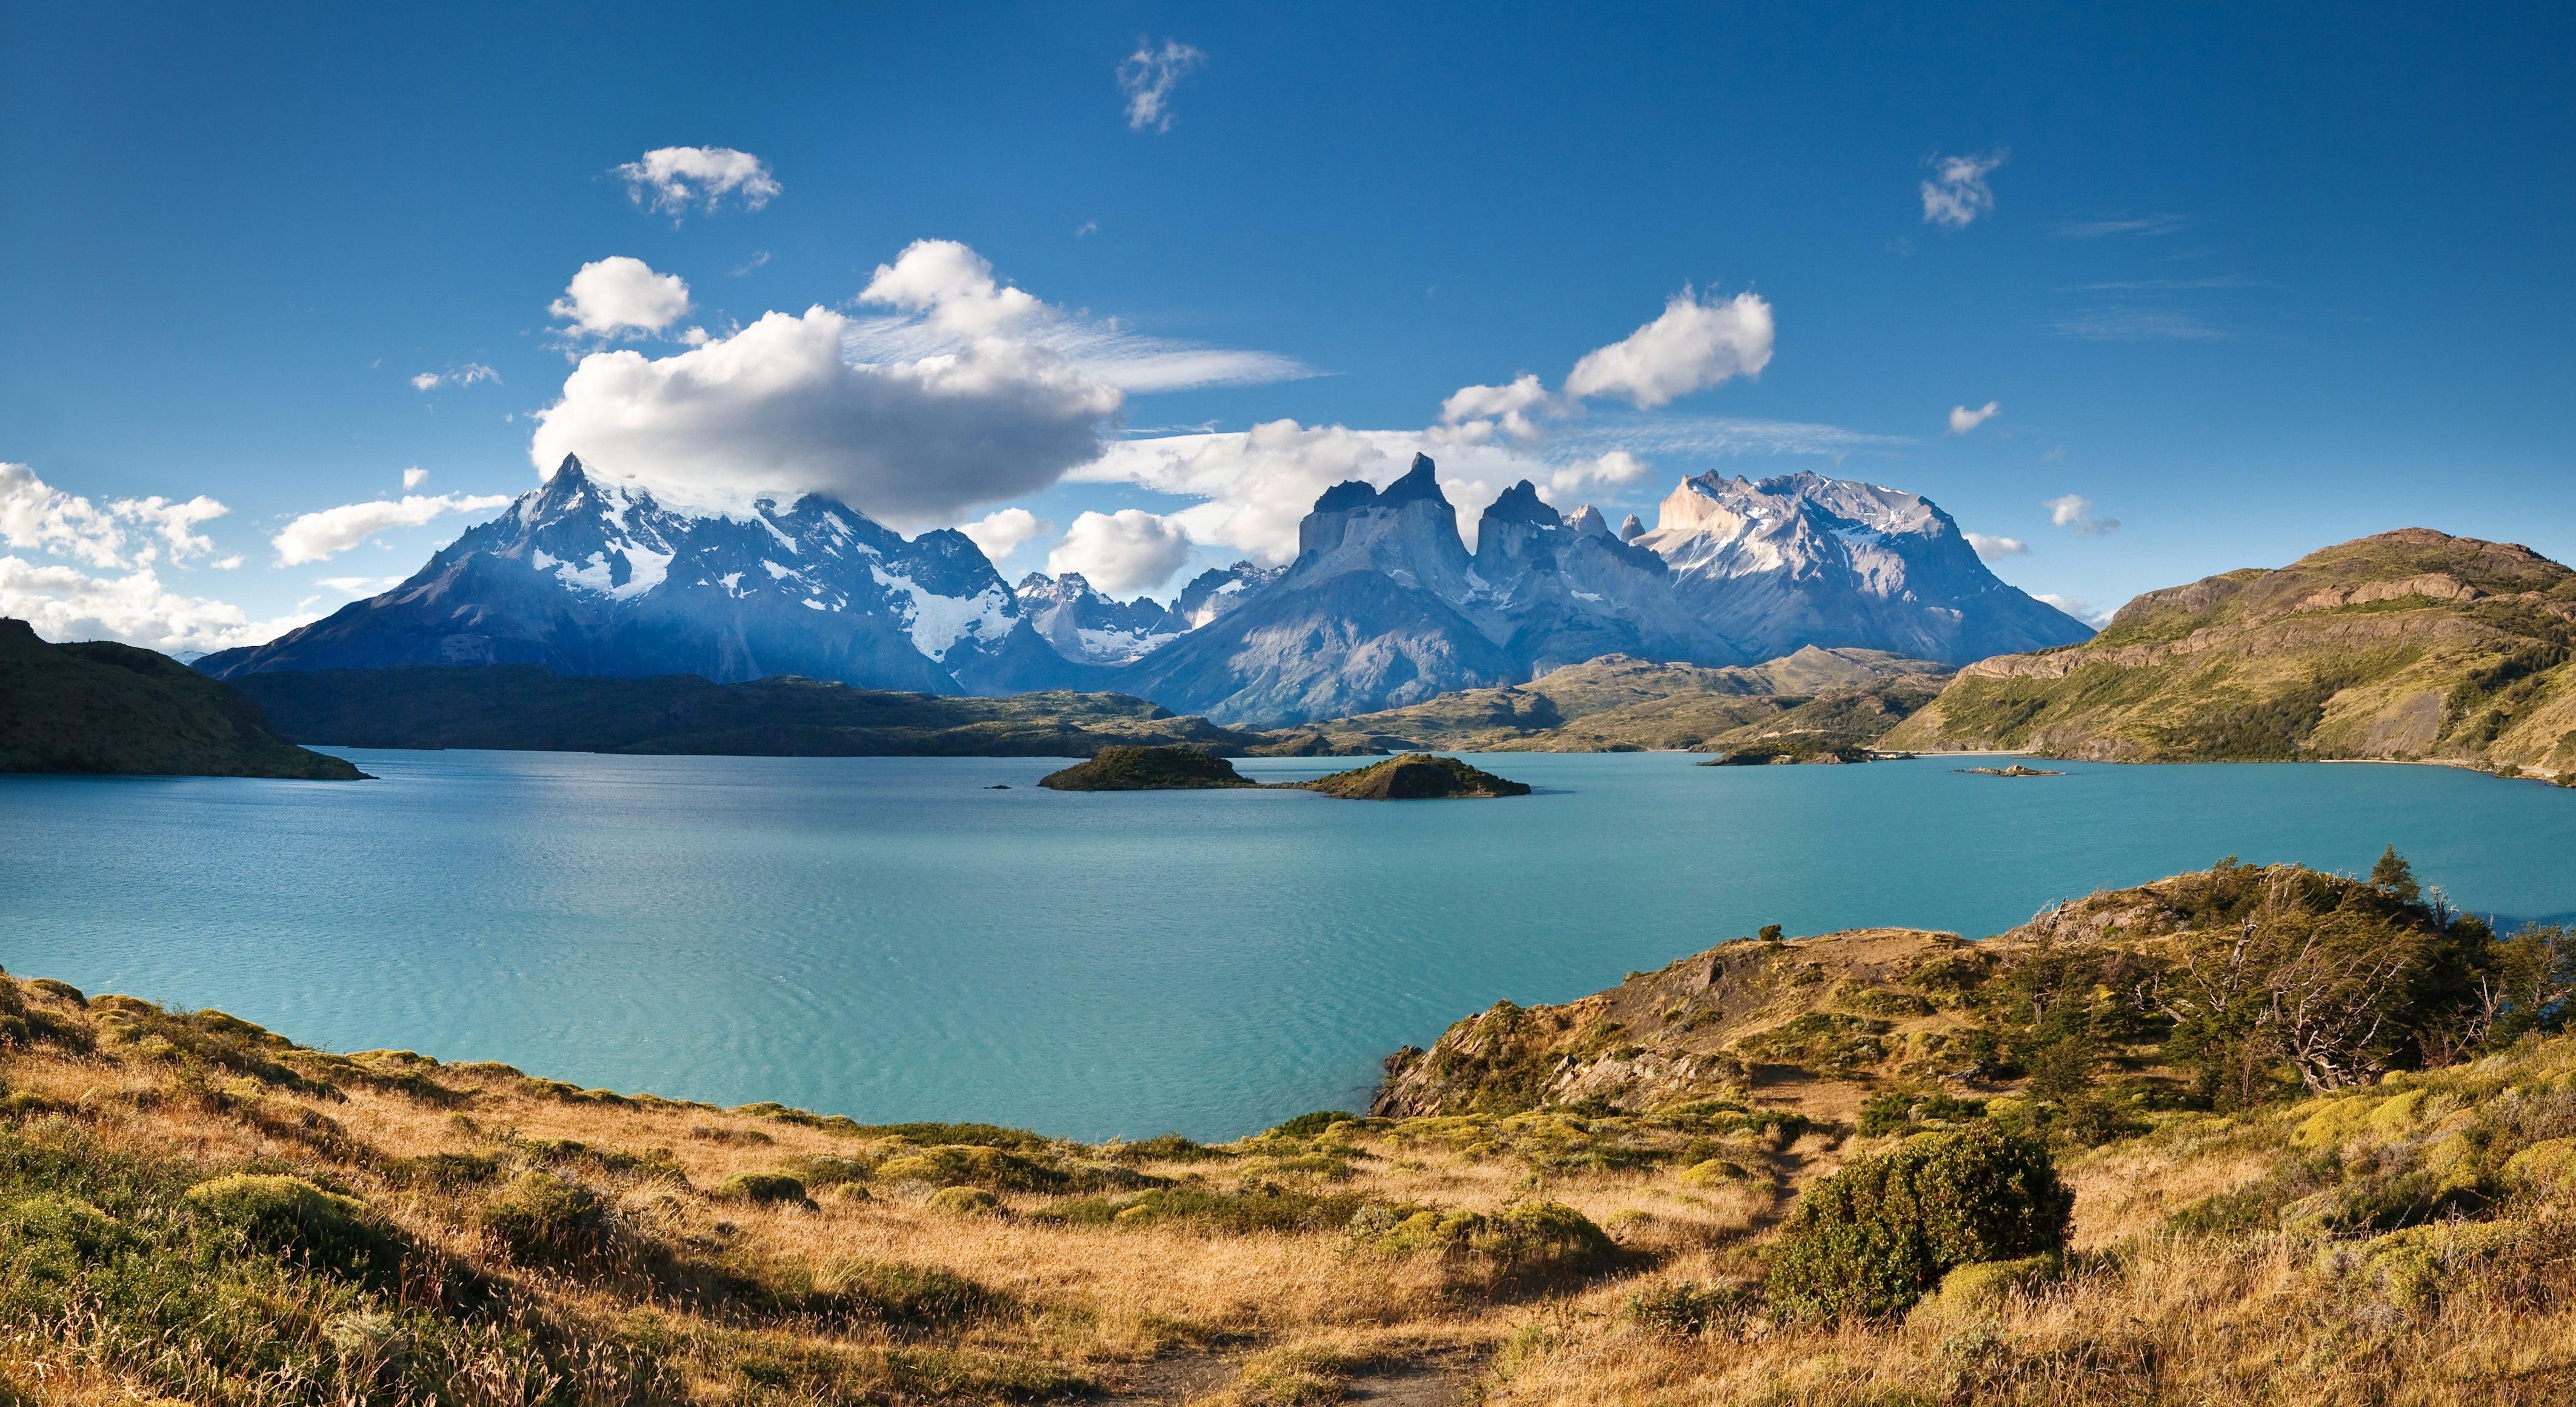 Argentinien & Chile: Die ausführliche Reise in Patagonien